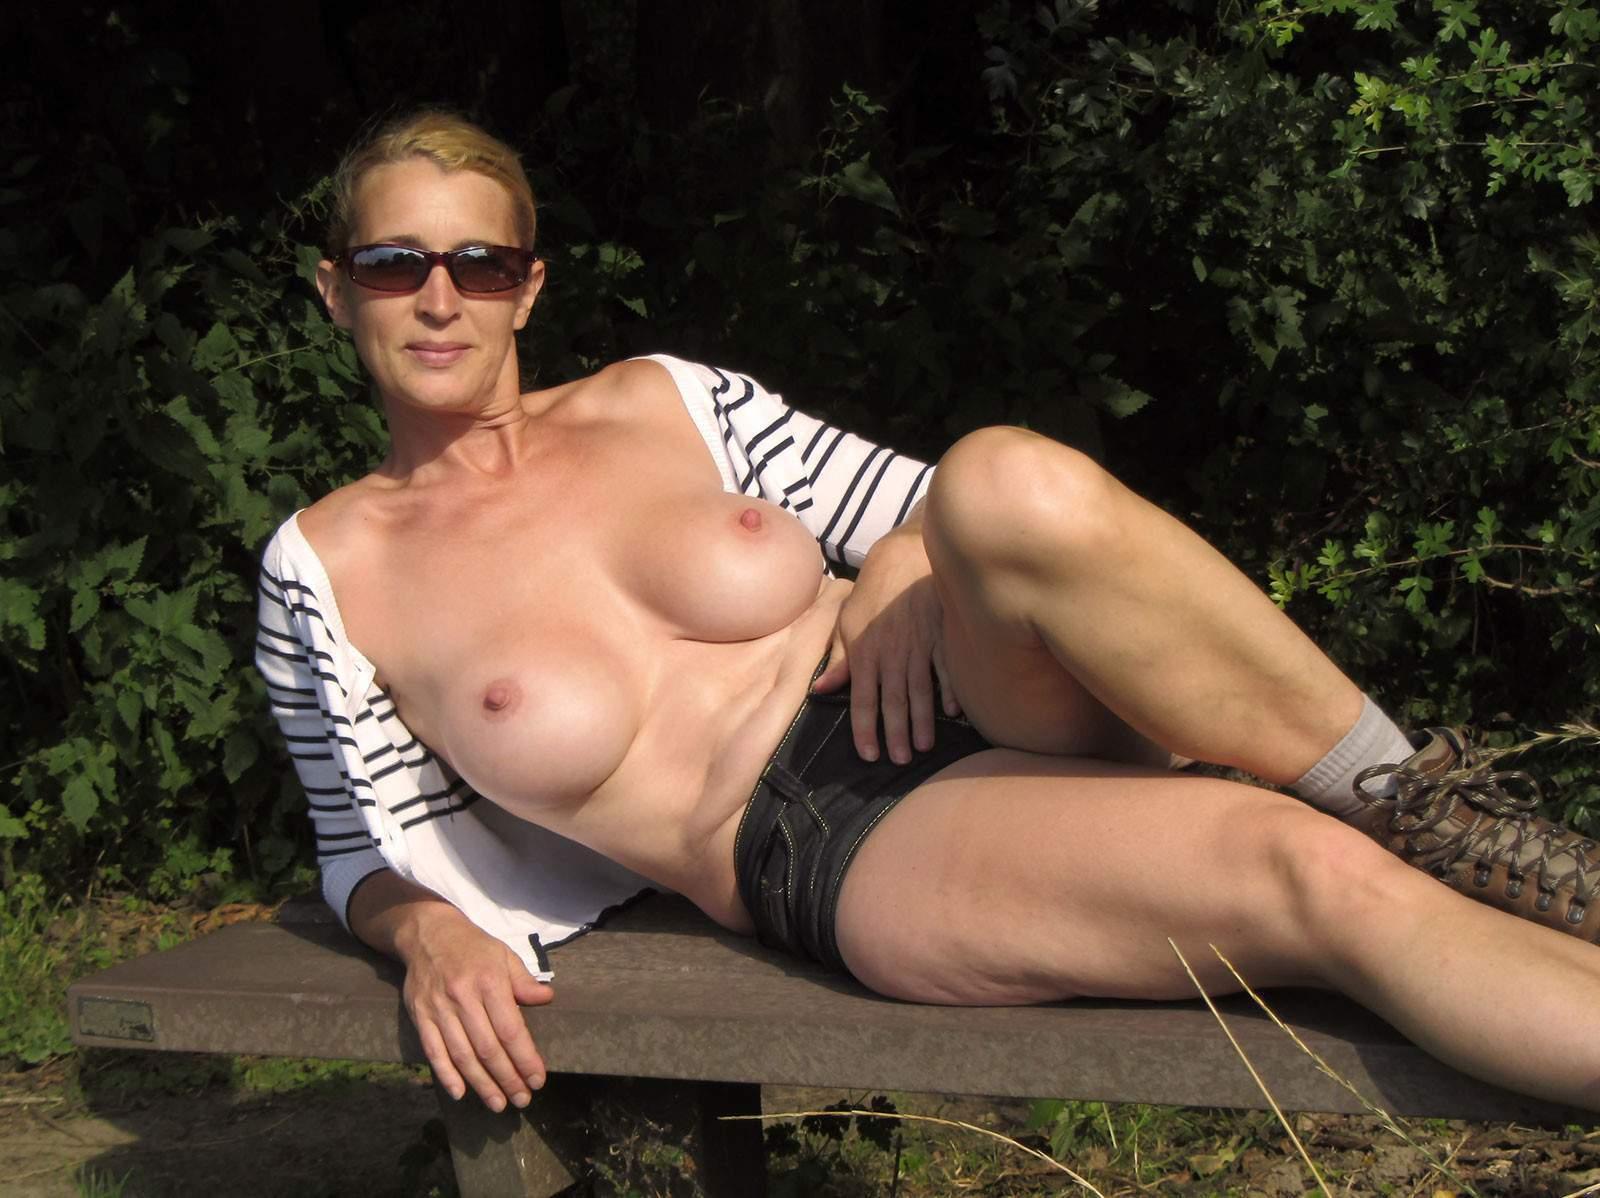 http://img24.rajce.idnes.cz/d2402/13/13133/13133717_9c6391c5702f90347cd7f2ea12218ba5/images/180.jpg